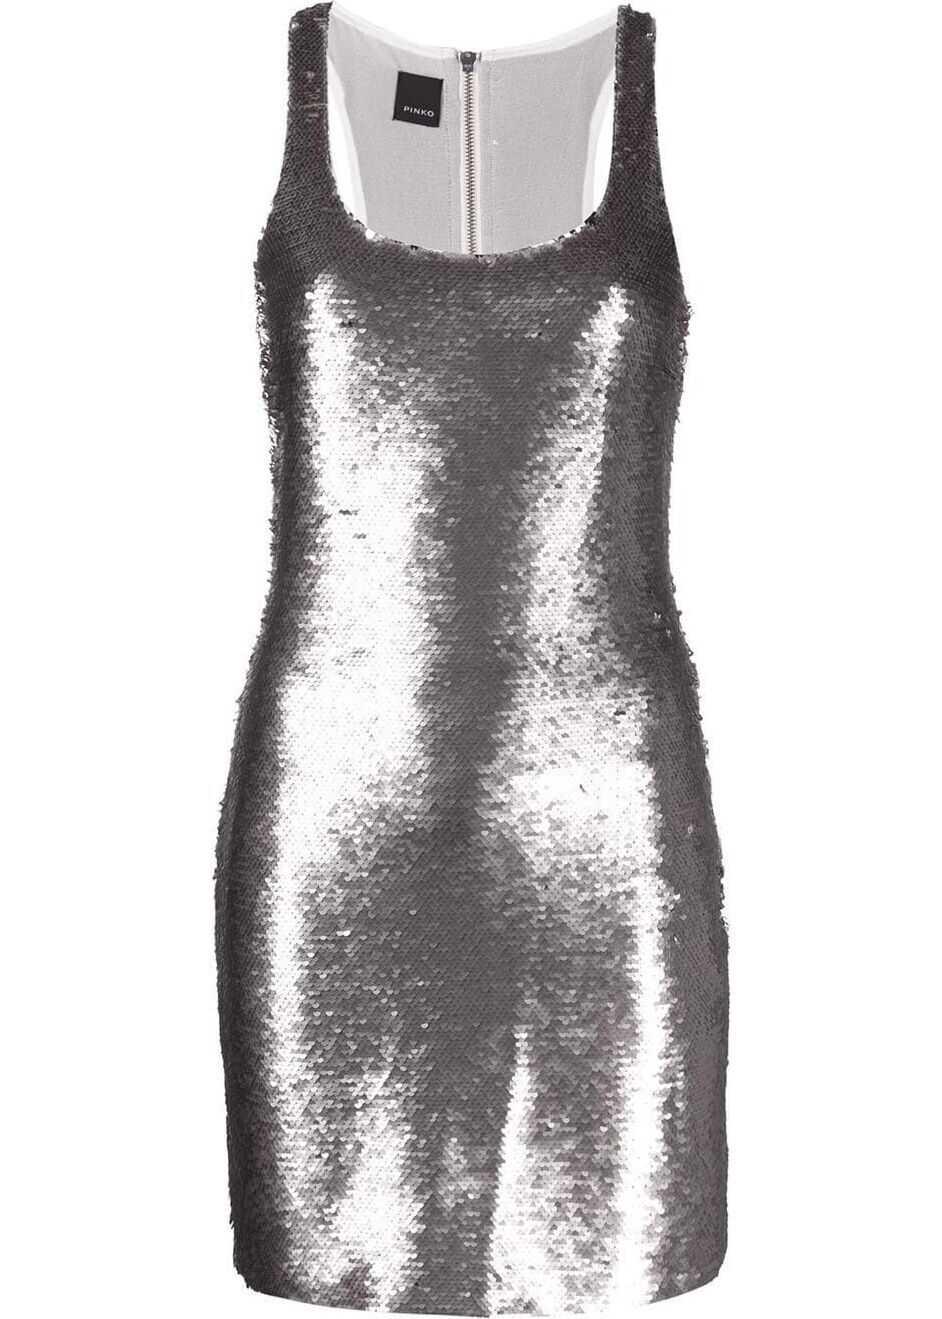 Pinko Viscose Dress SILVER